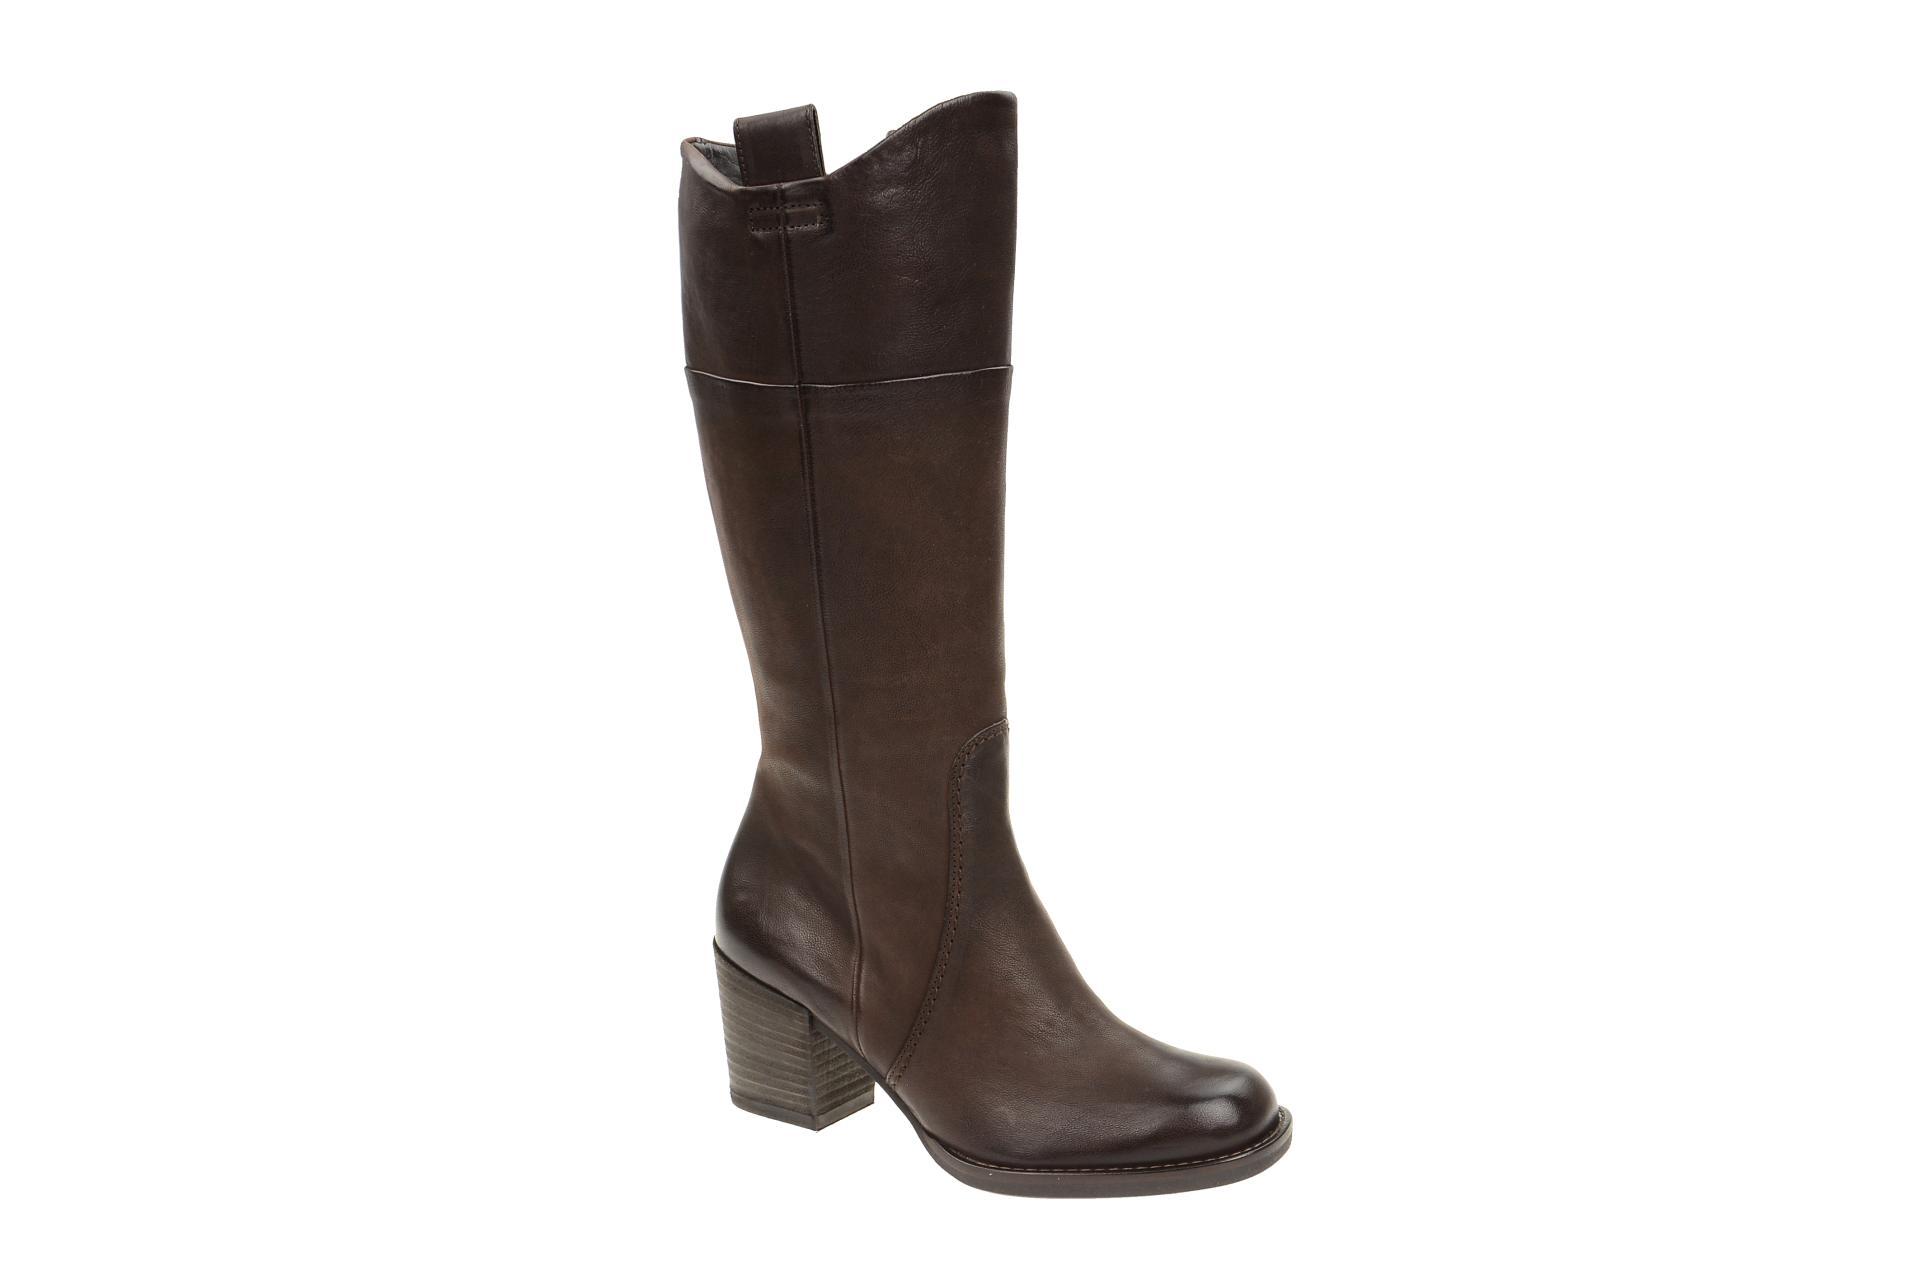 Paul Green Schaft Stiefel 8591 braun Gr 3 - Schuhhaus Strauch Shop 6d7827c193